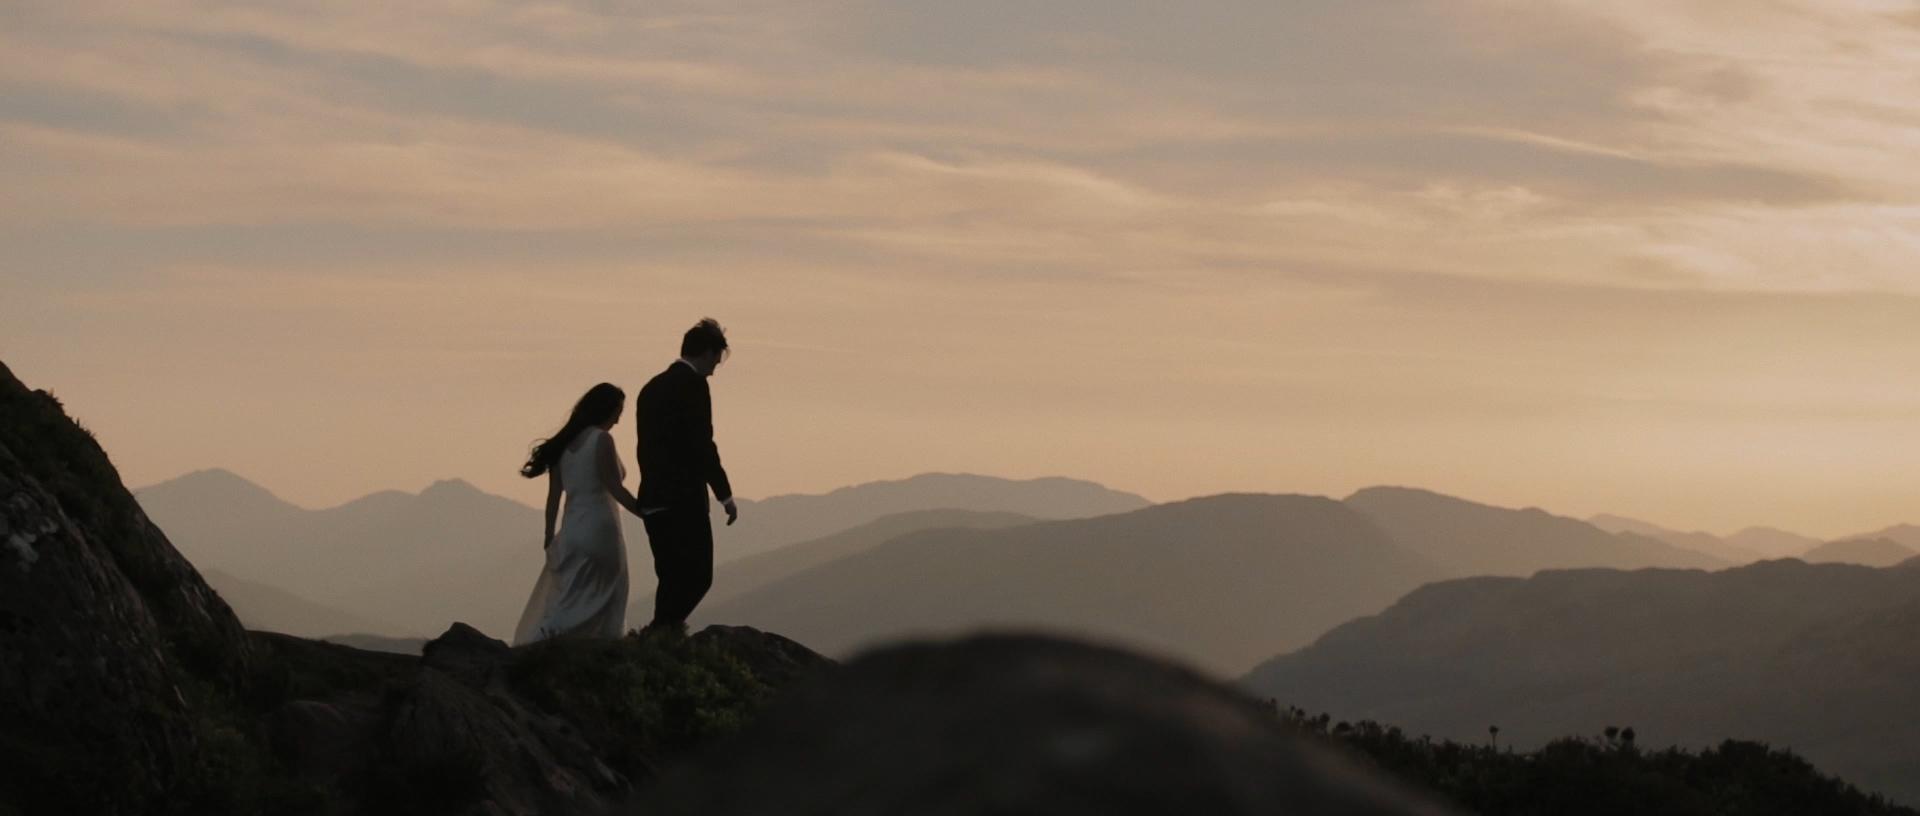 glenskirlie-house-wedding-videographer_LL_01.jpg